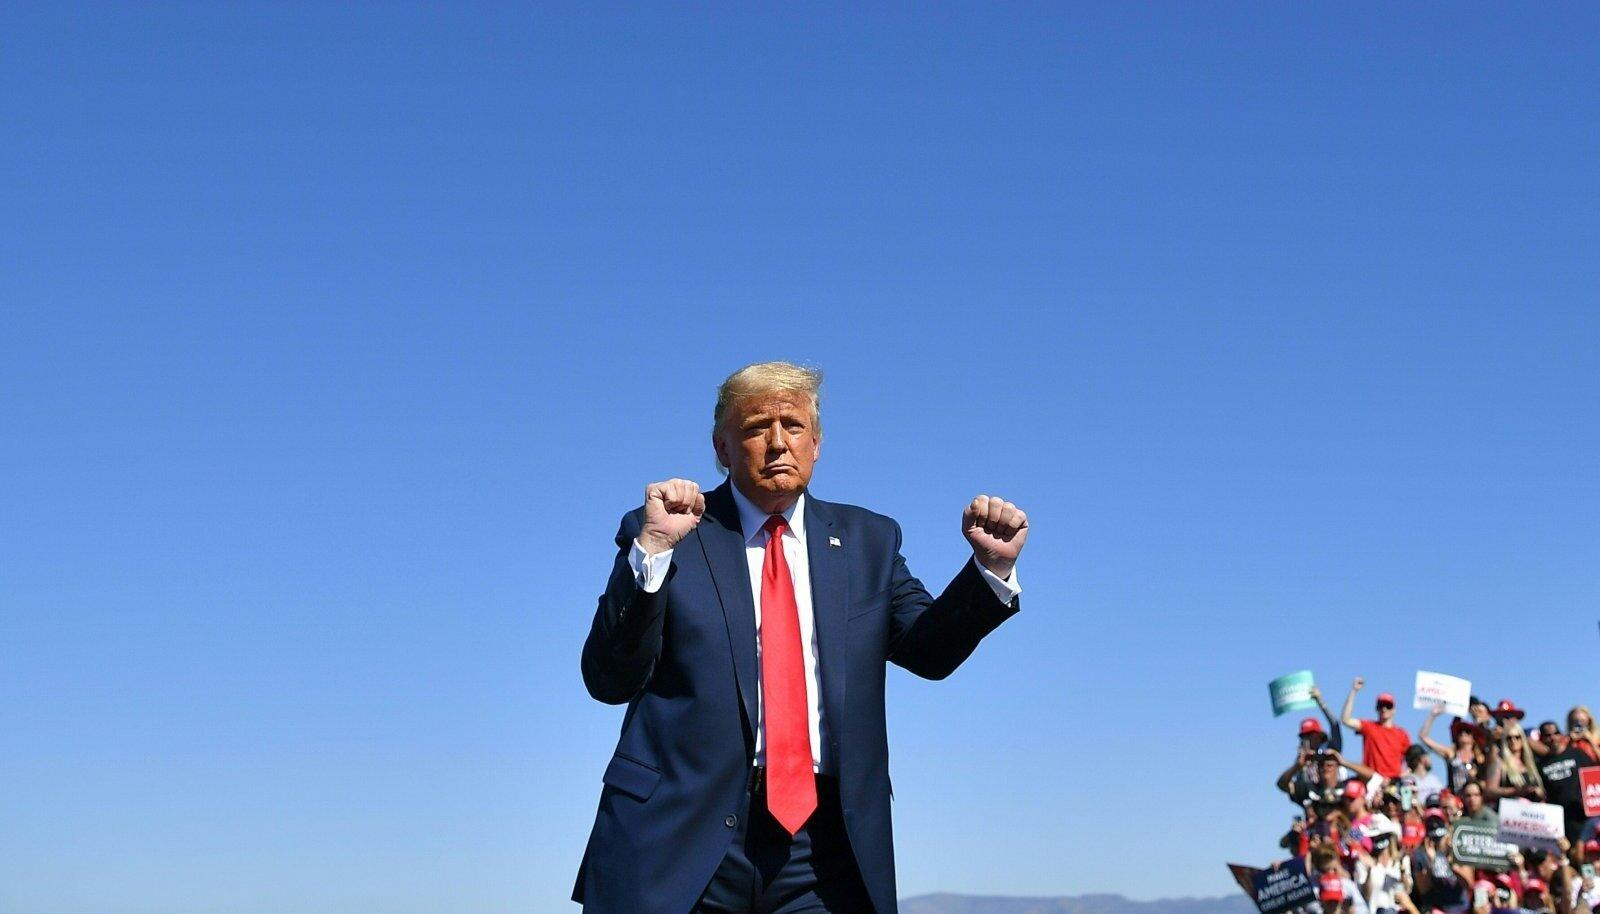 ÜRITUS KESTAB: Kui Trump suudab oma valijat agiteerida ja ta täiel määral valima tuua, on tal võimalus presidendina jätkata.